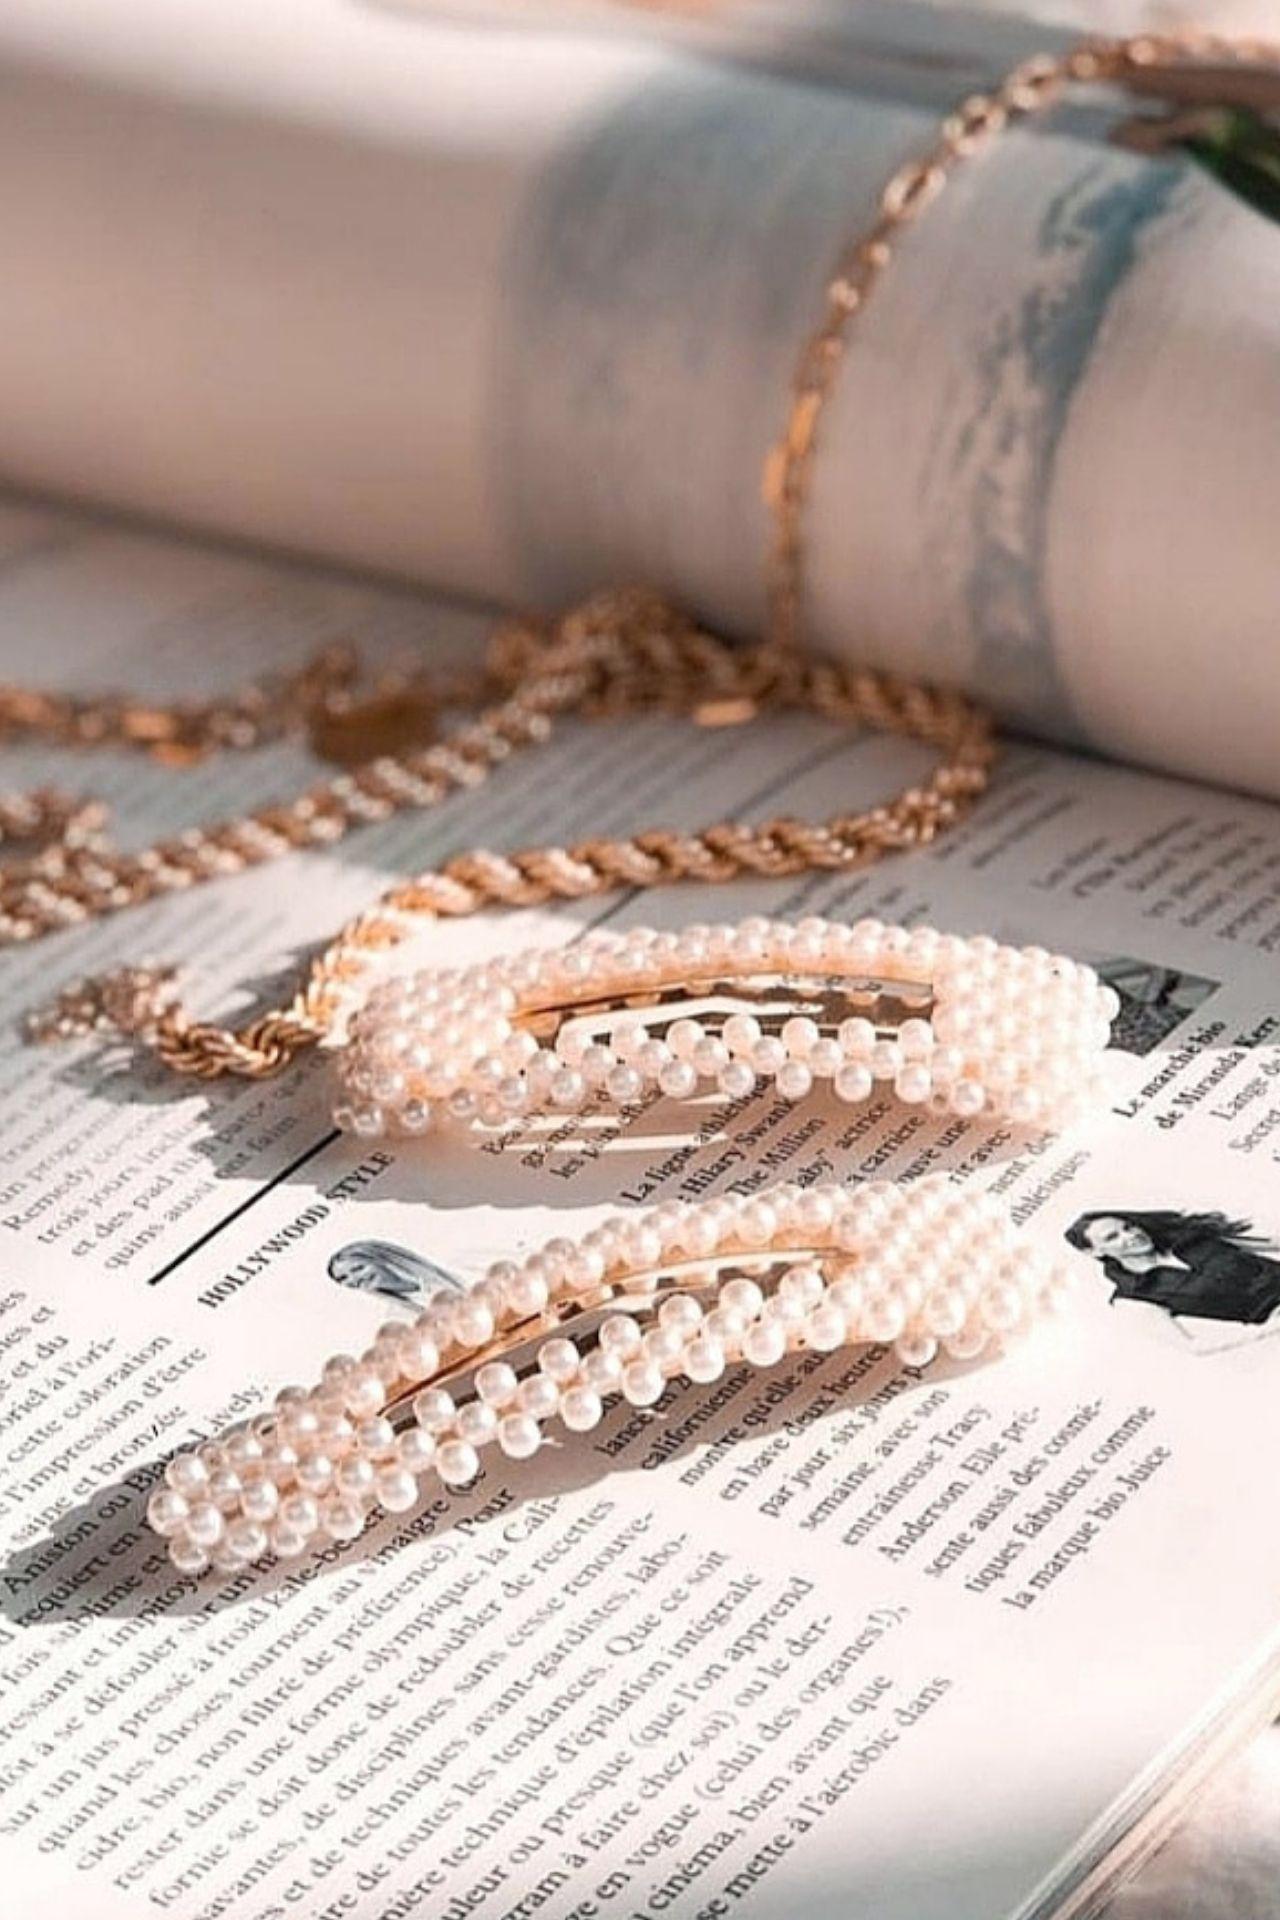 Ganchitos de perlas rectuangular y triangular.  Se venden por separado.  El precio es de S/ 39 cada uno.